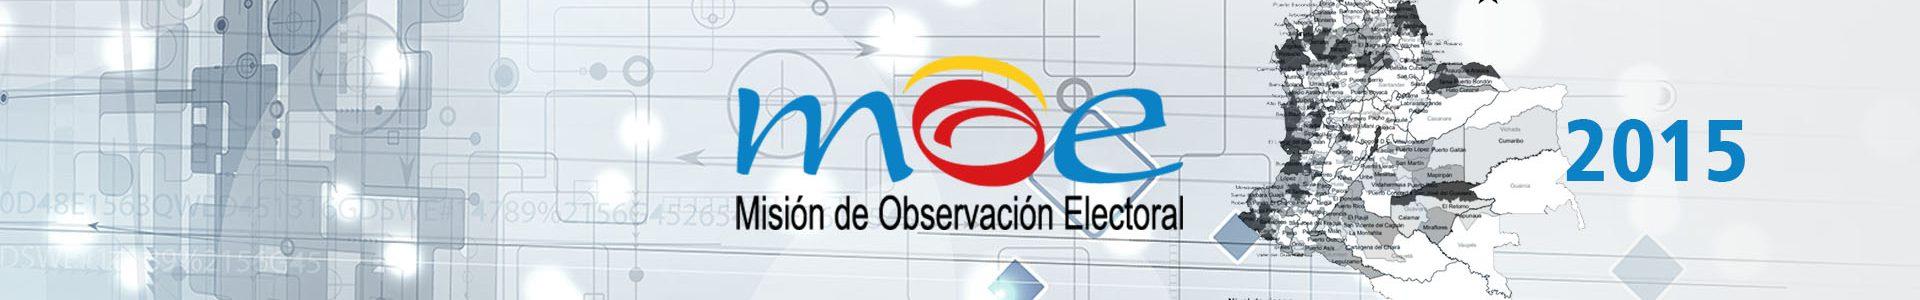 MOE-banner2